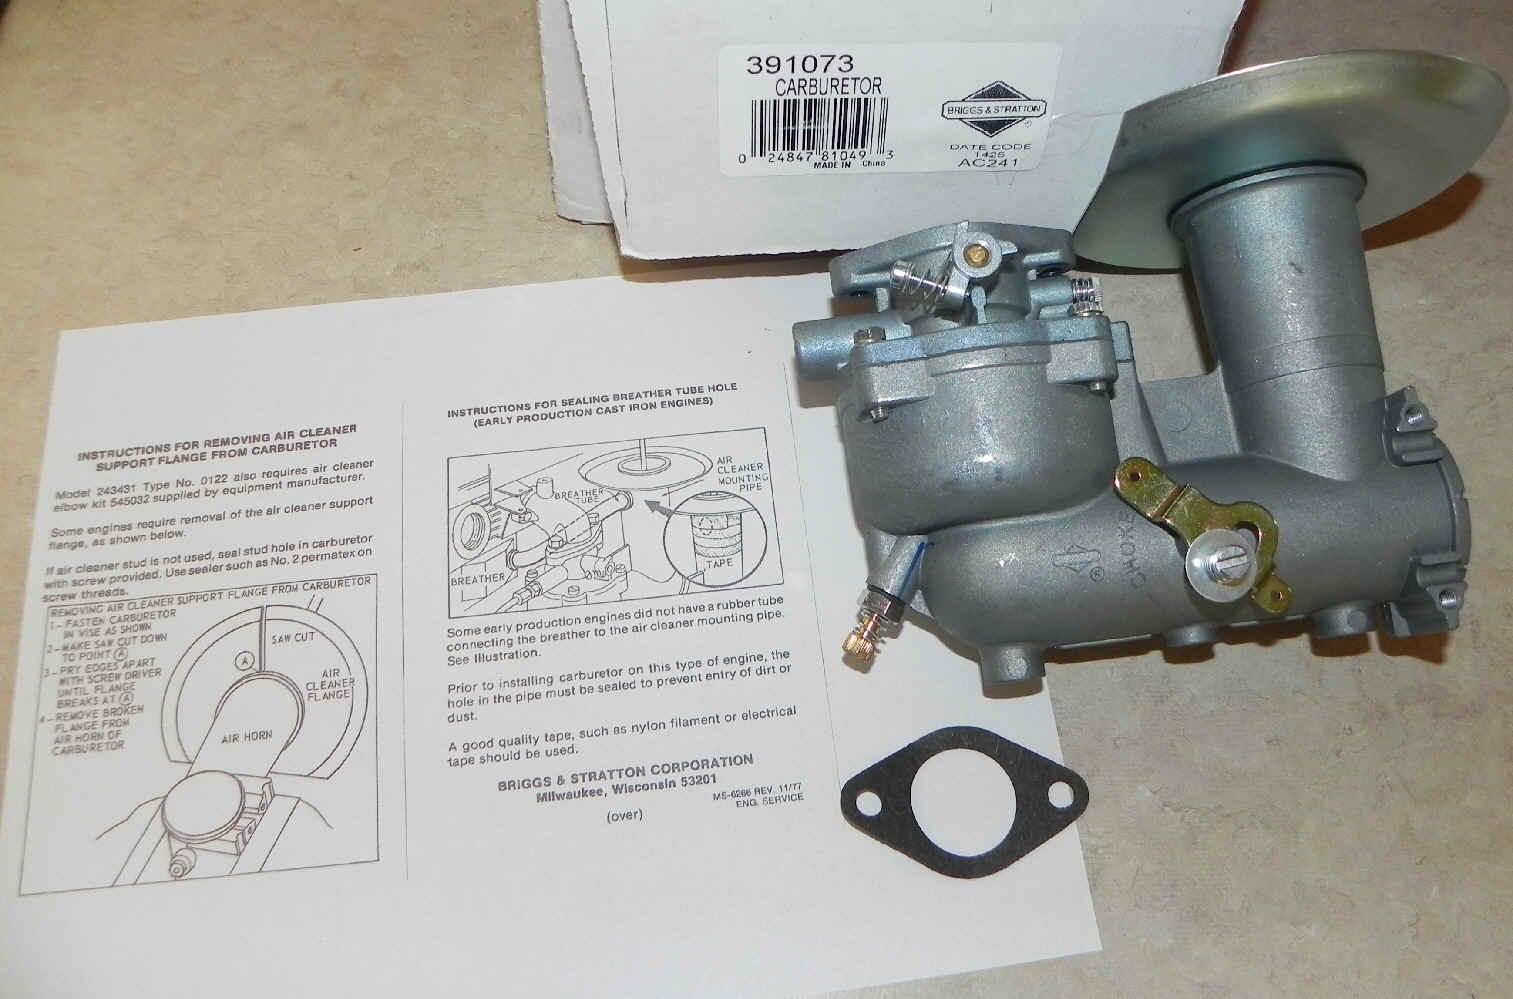 Subaru Small Engine Carburetorsmall Suppliers Briggs And Stratton Carburetor Parts Diagram Part No 391073